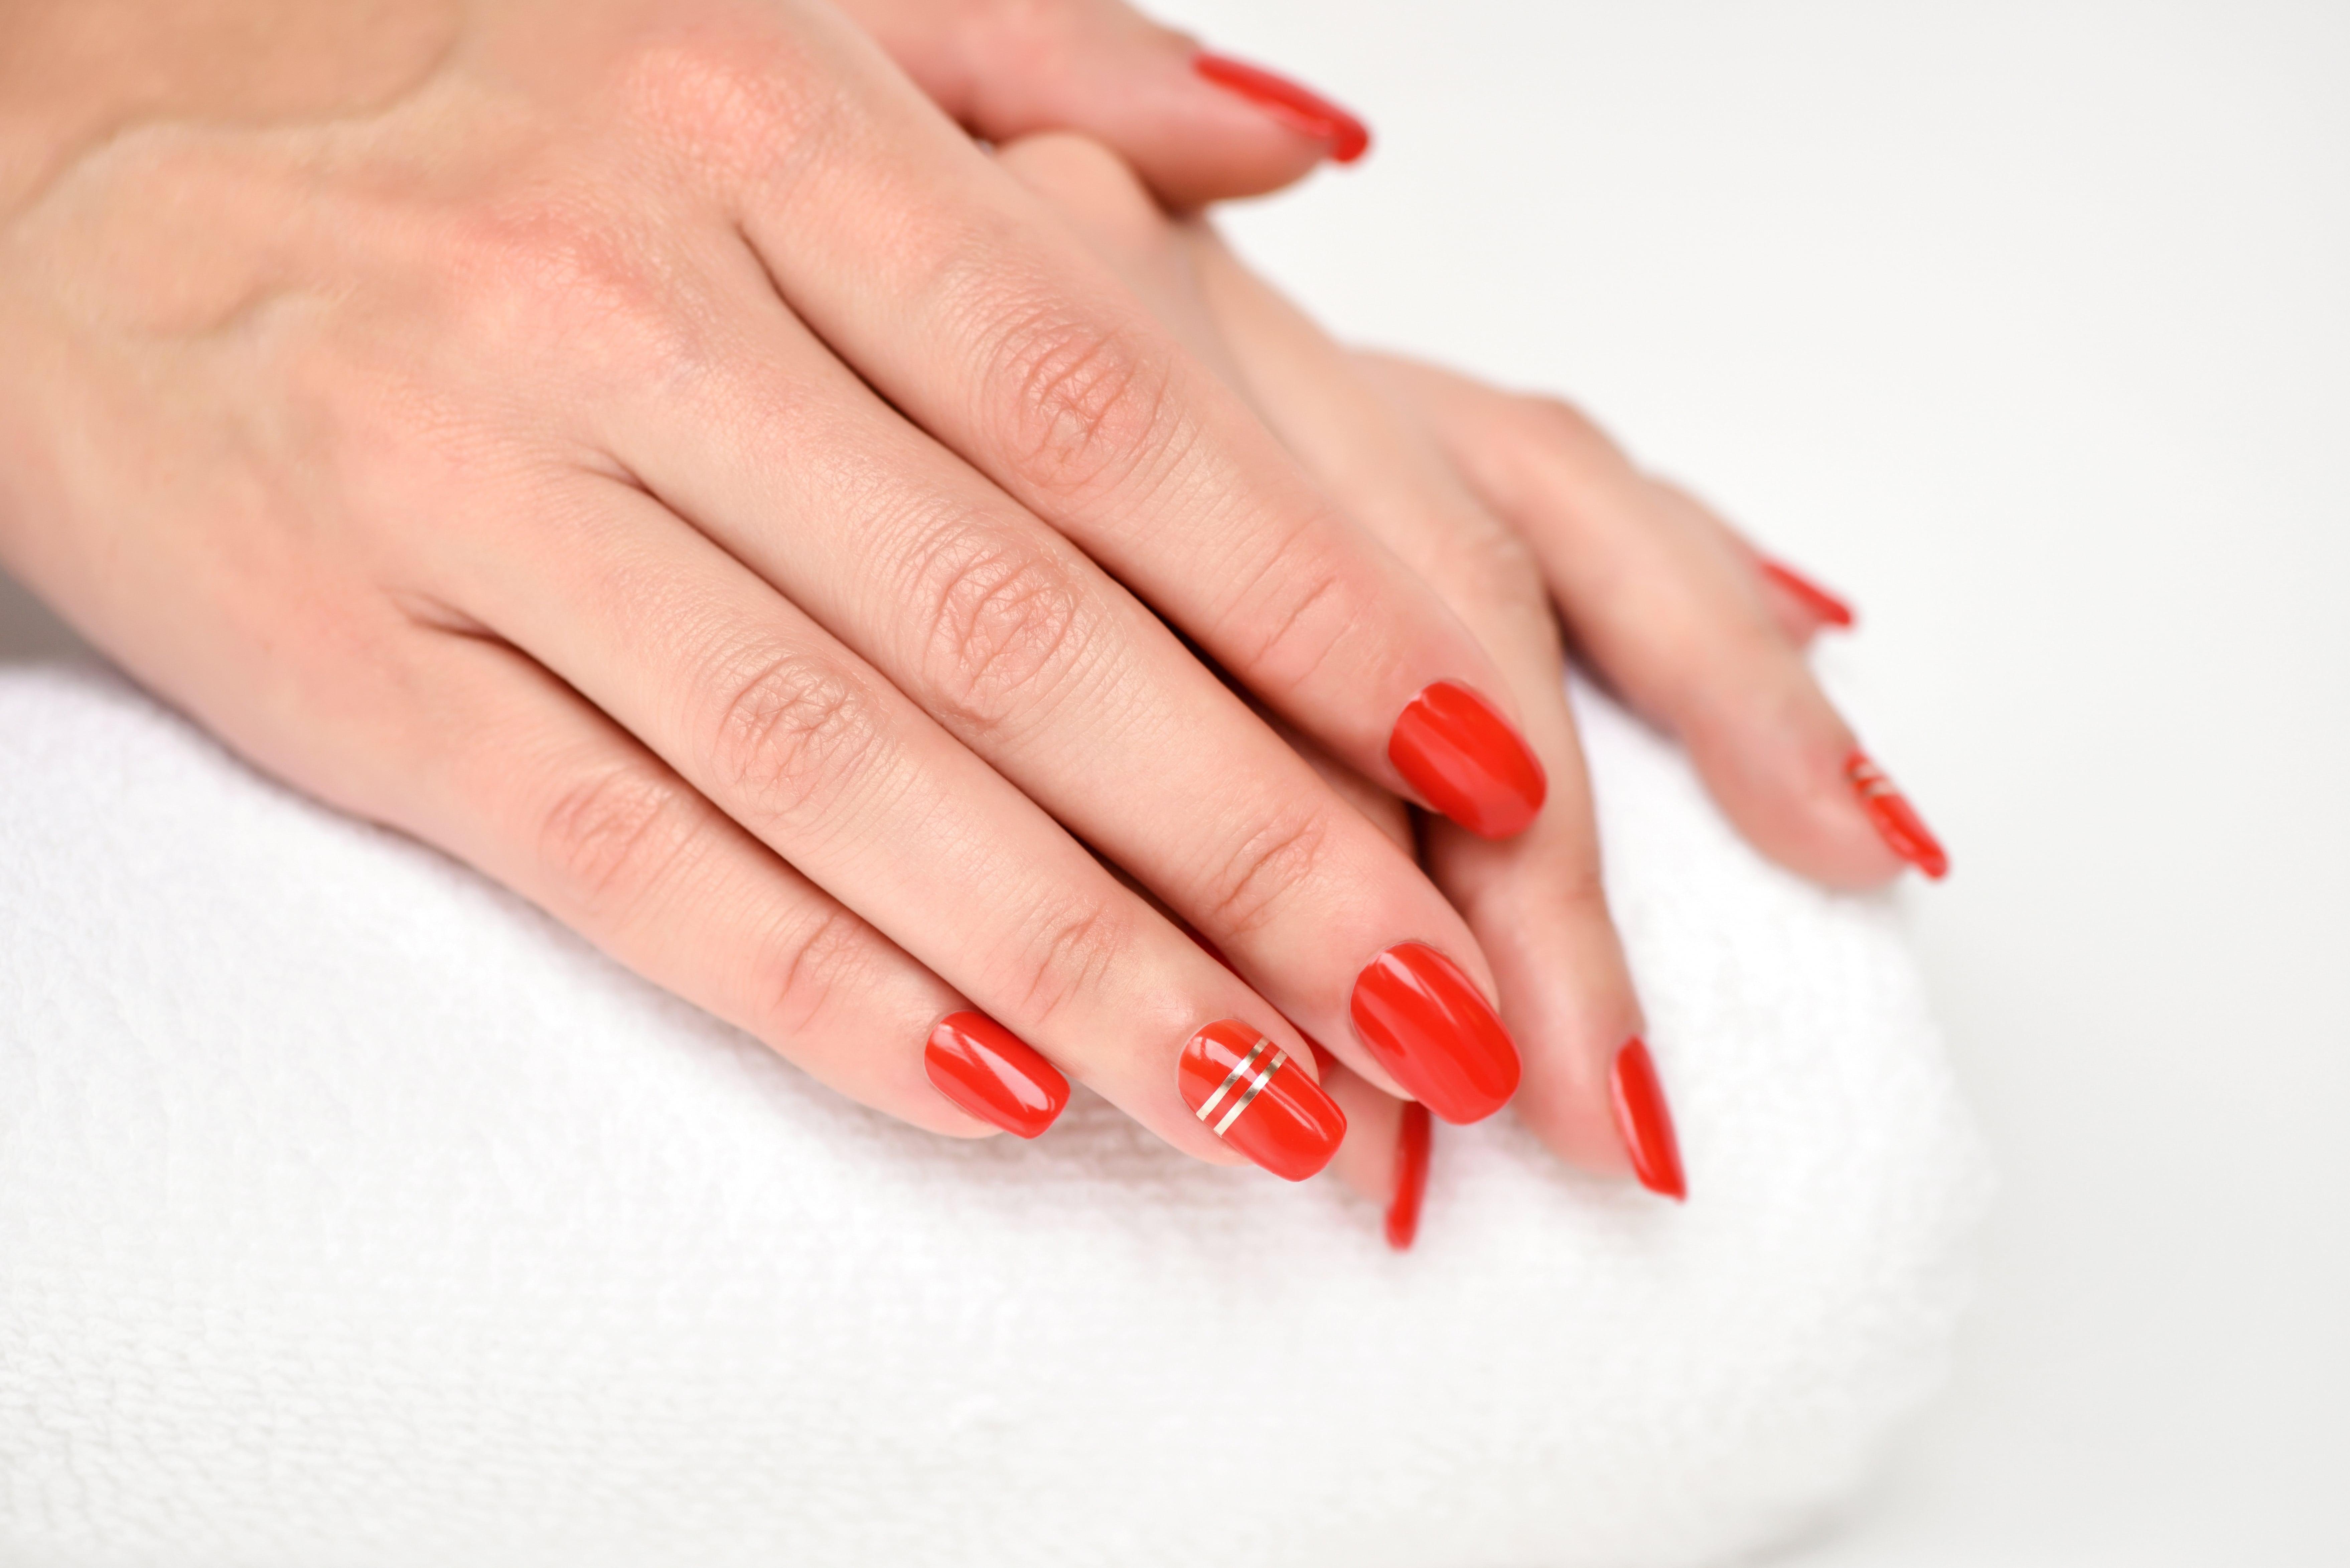 Scopri tutti i segreti della nails art: i corsi per la ricostruzione unghie